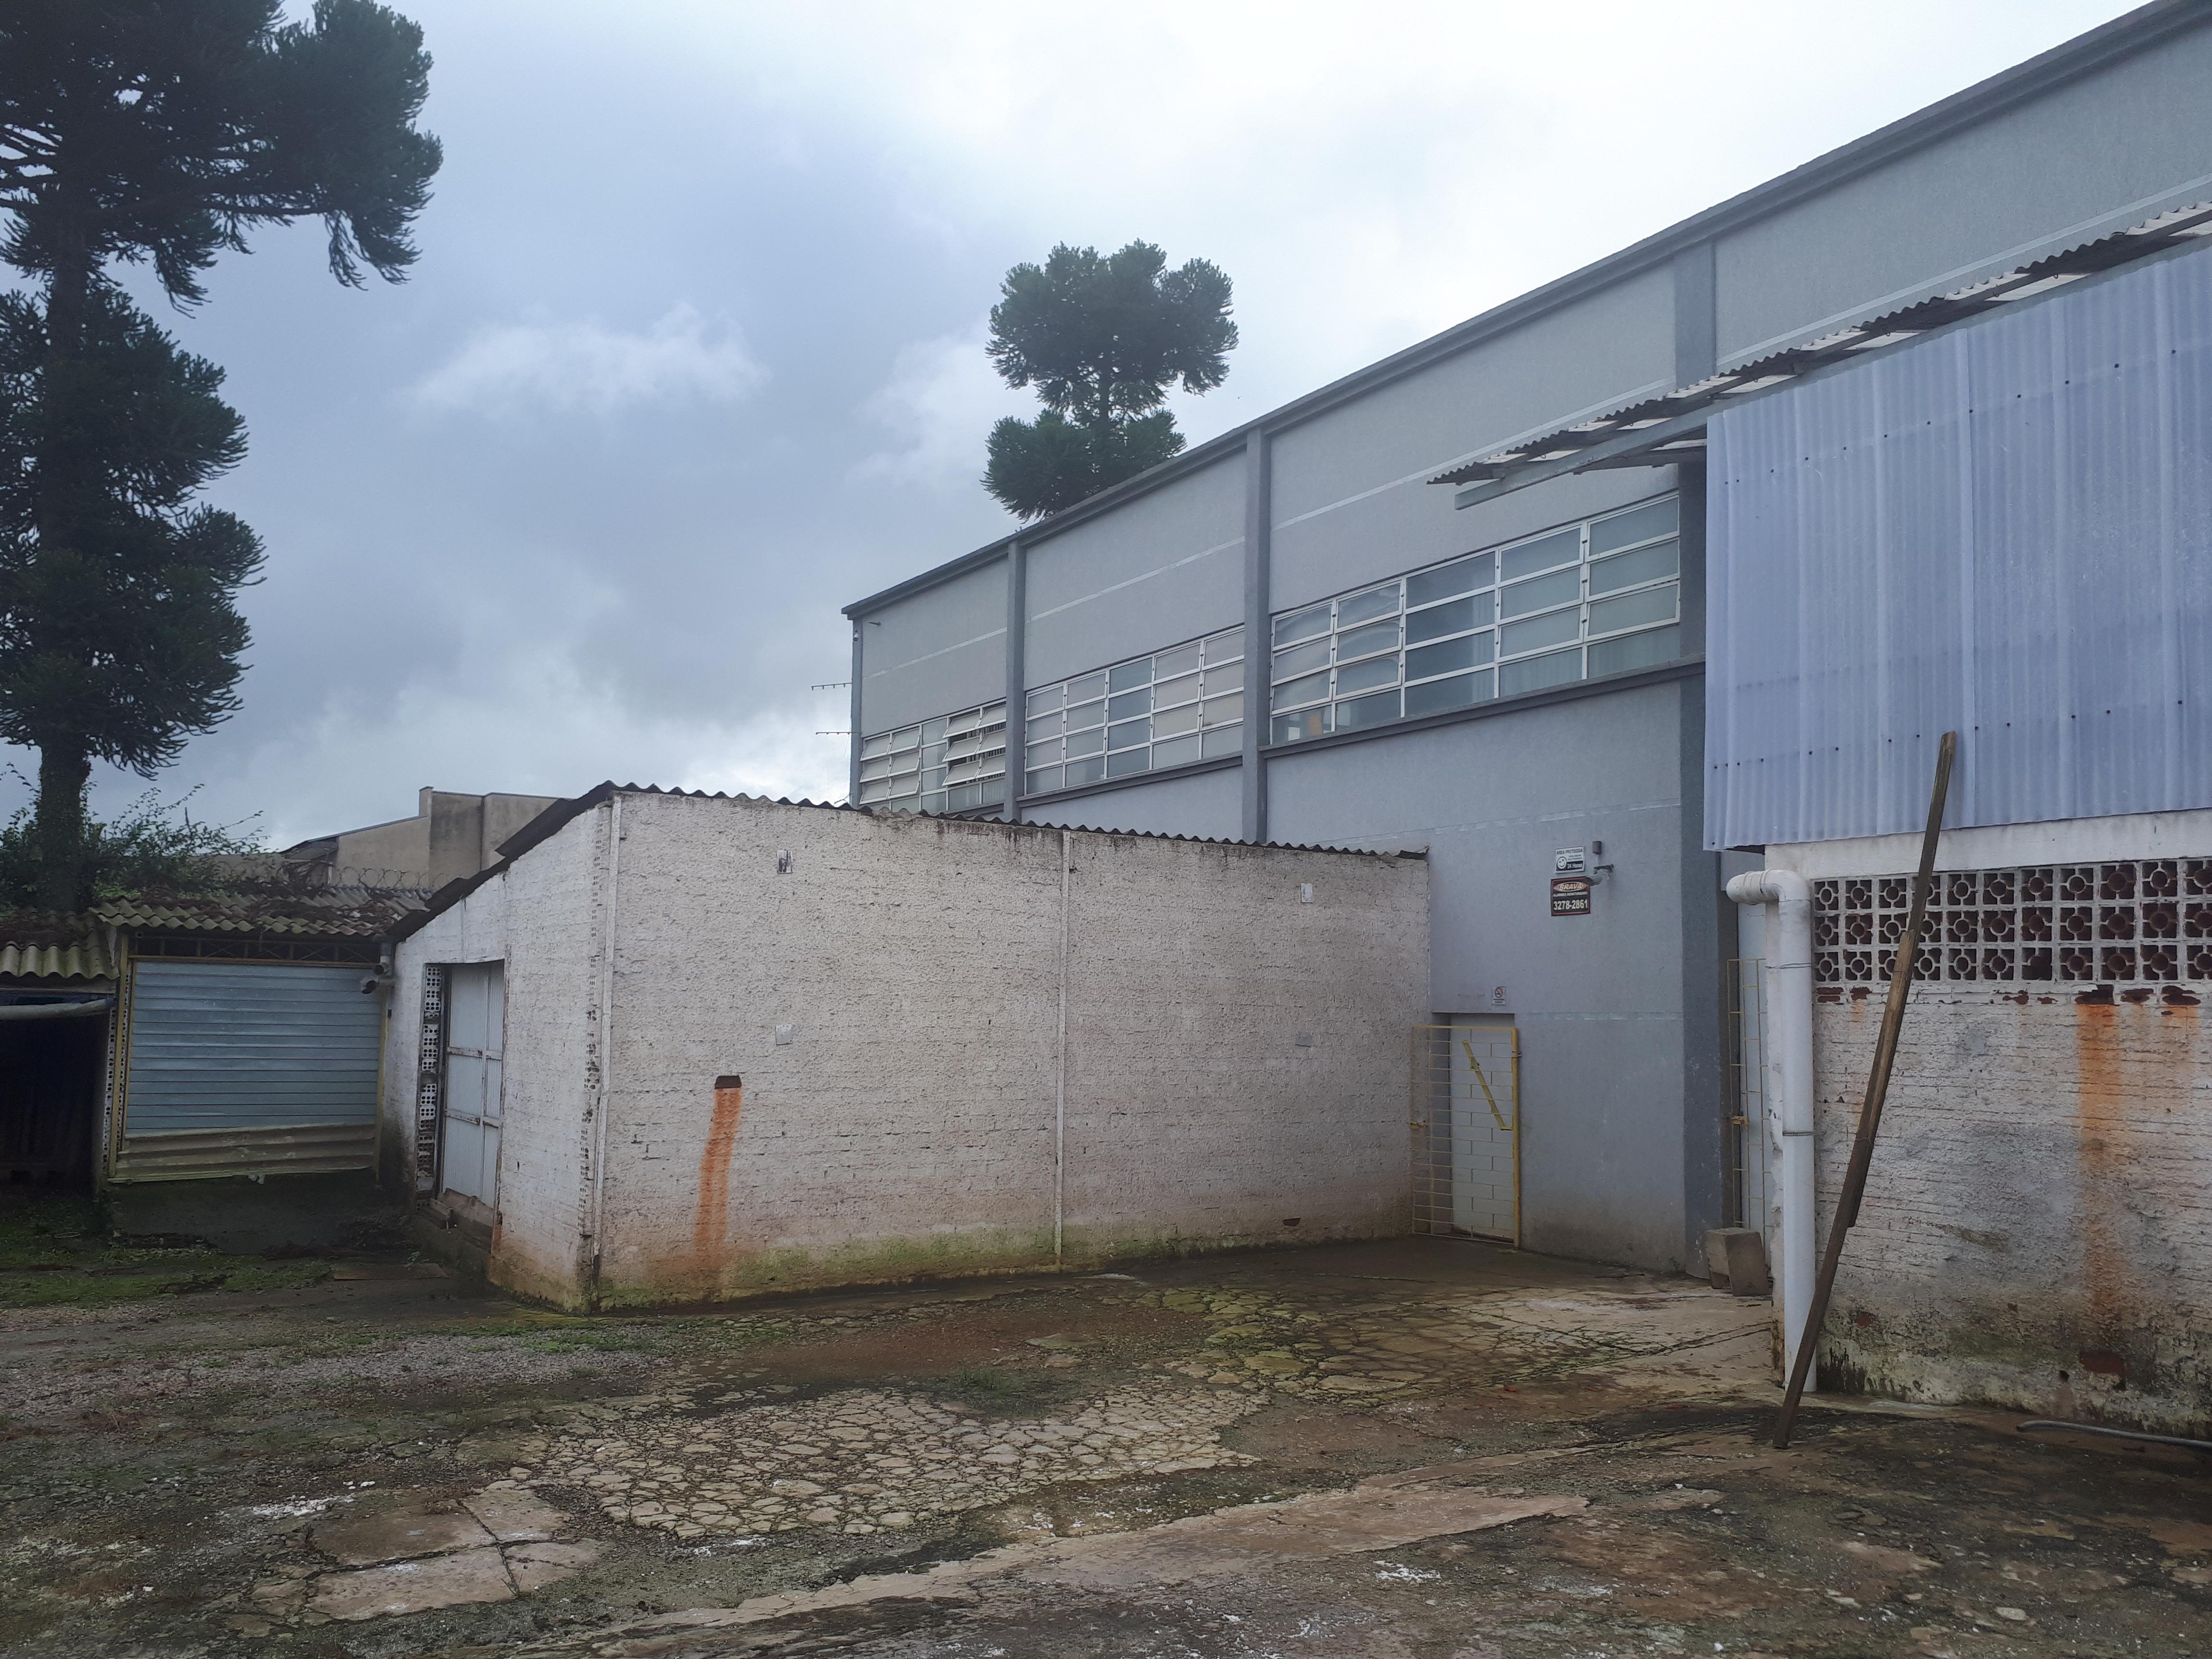 BRA – Barracão Industrial em Curitiba – PR